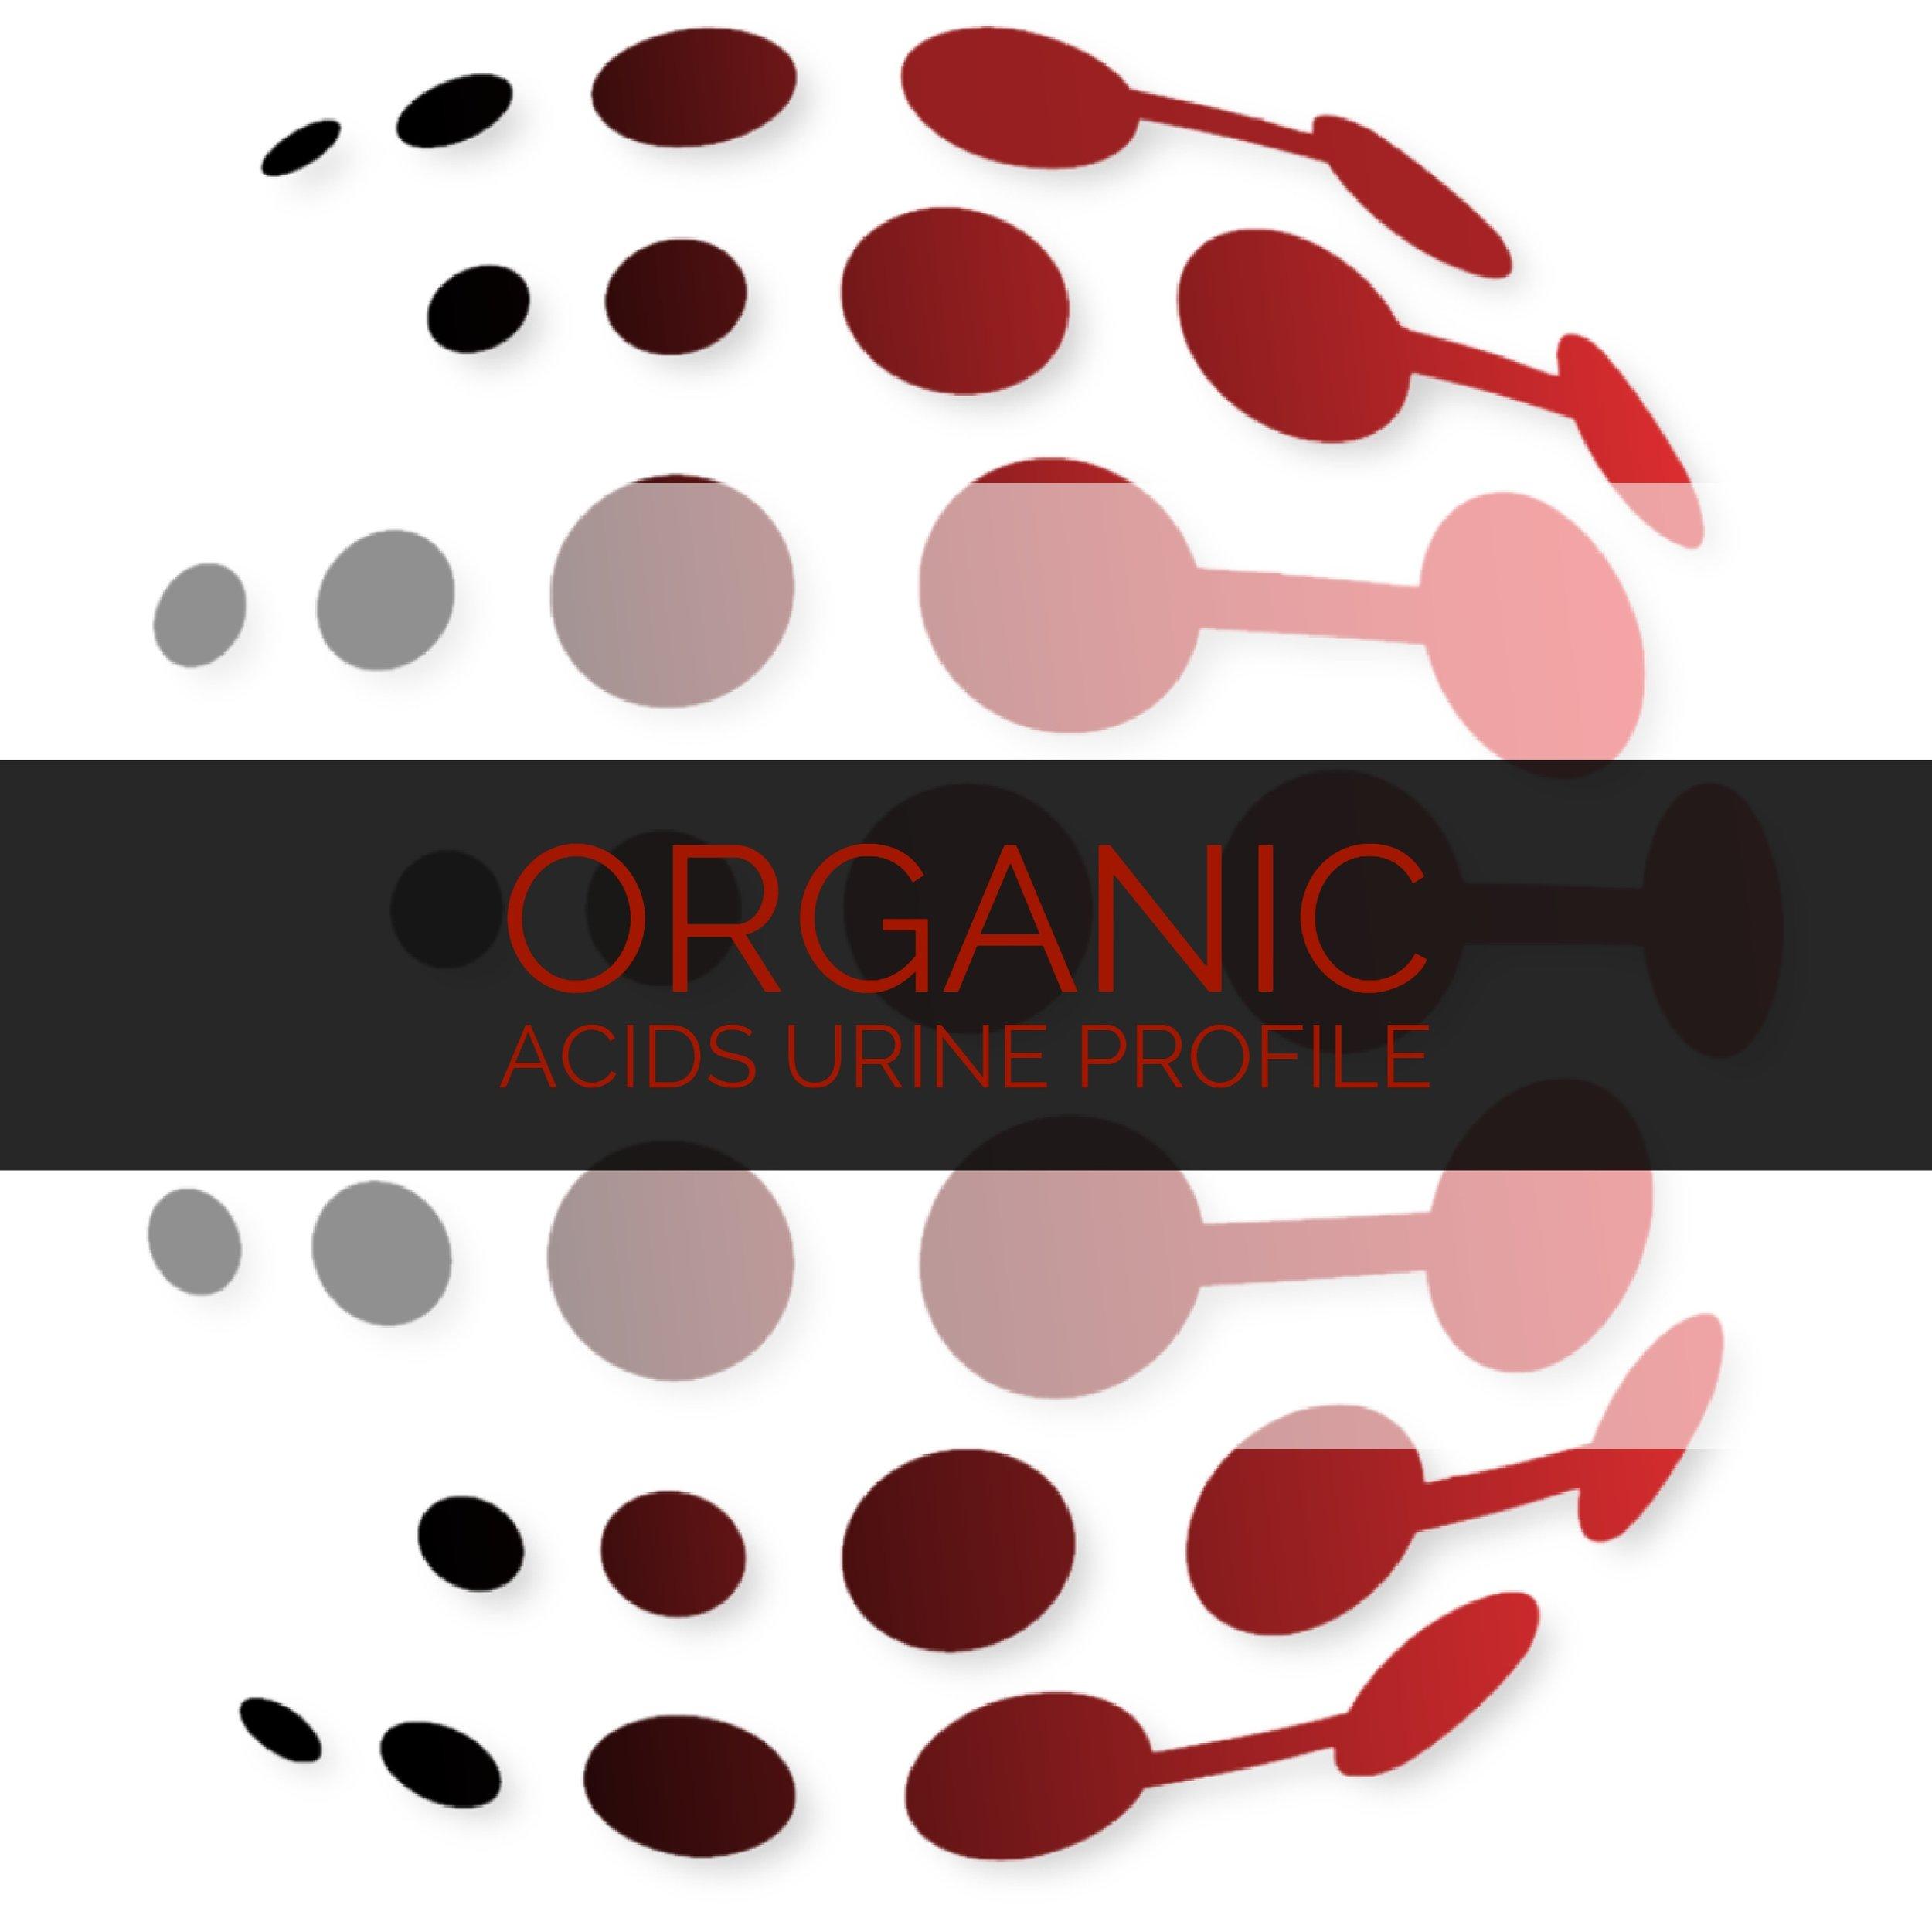 Organic Acids Urine Profile